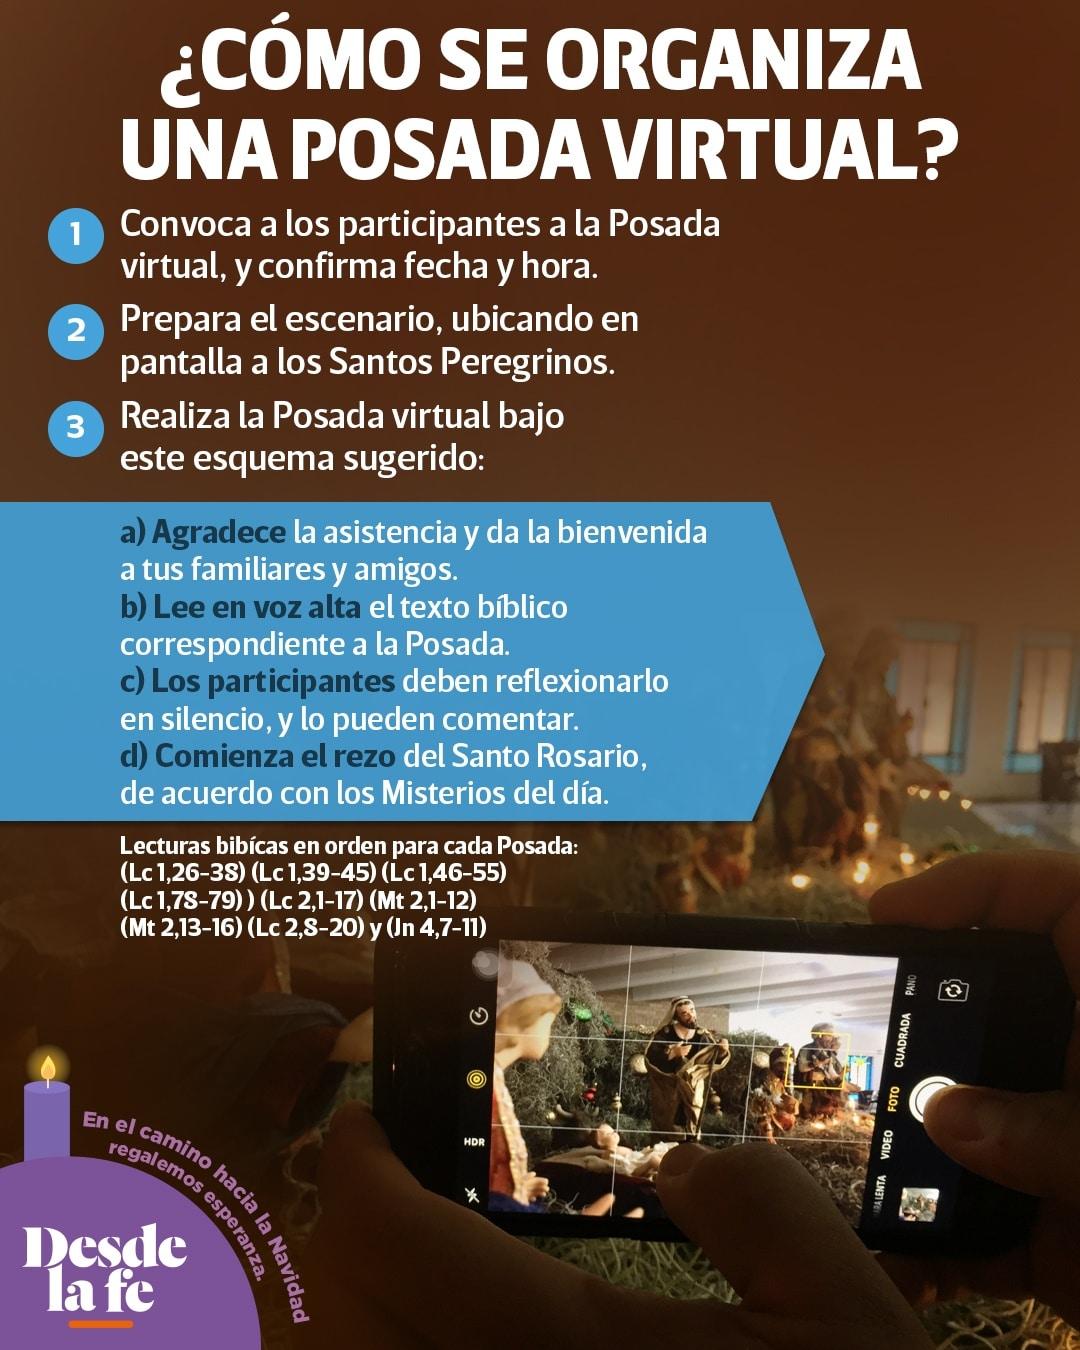 ¿Cómo hacer una posada virtual para celebrar la Navidad 2020 en pandemia?